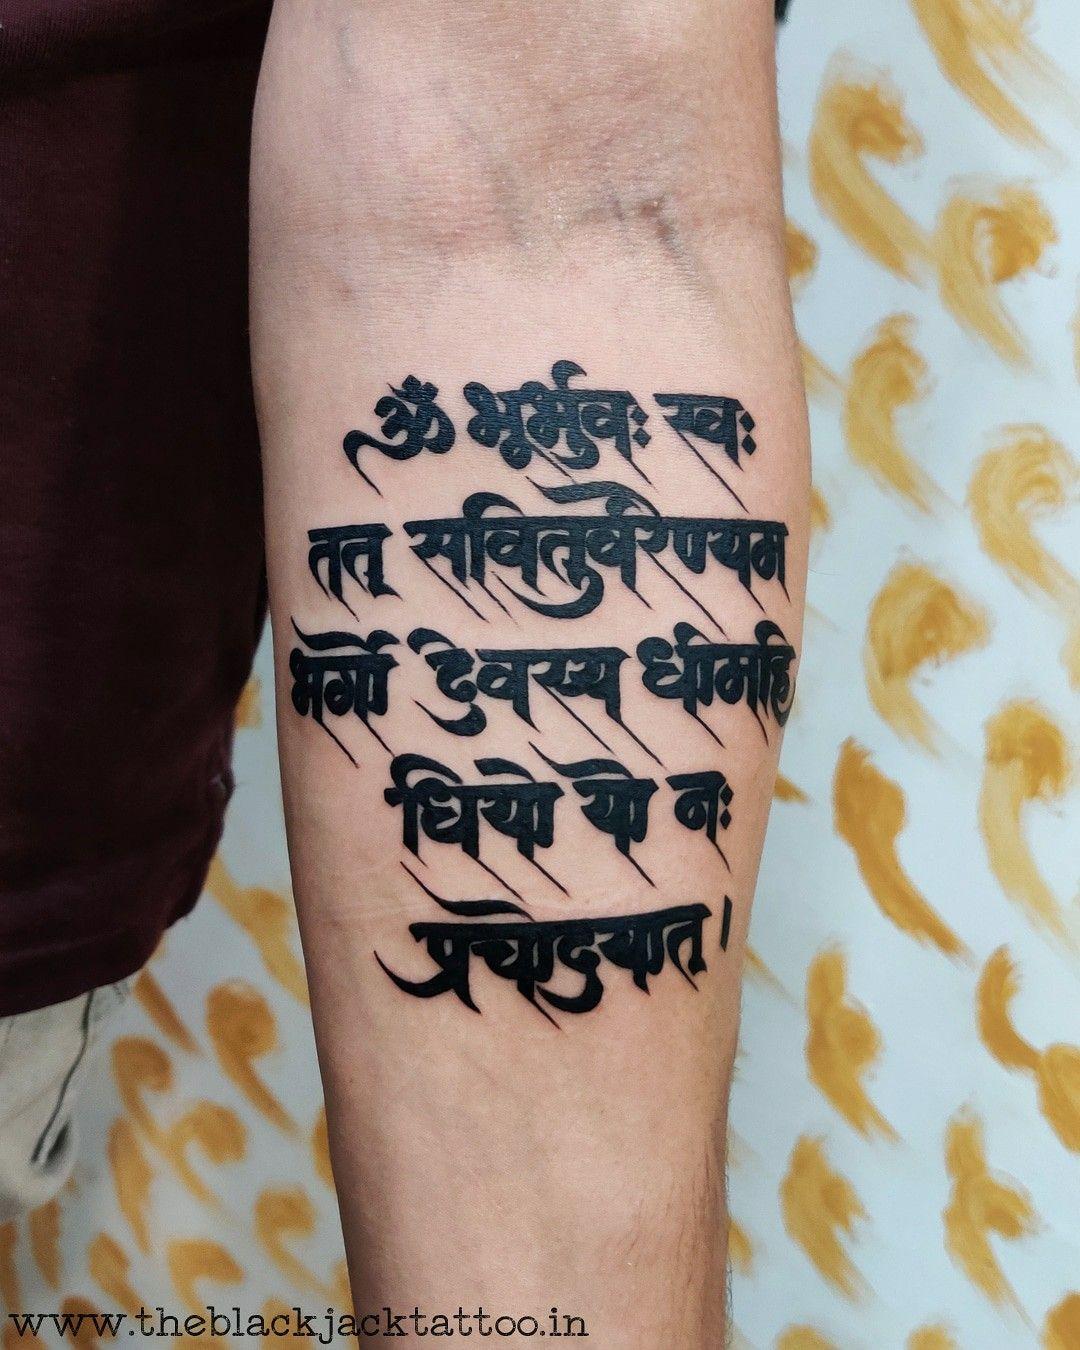 Gayatri Mantra Tattoo In 2020 Mantra Tattoo Tattoo Designs Tattoos